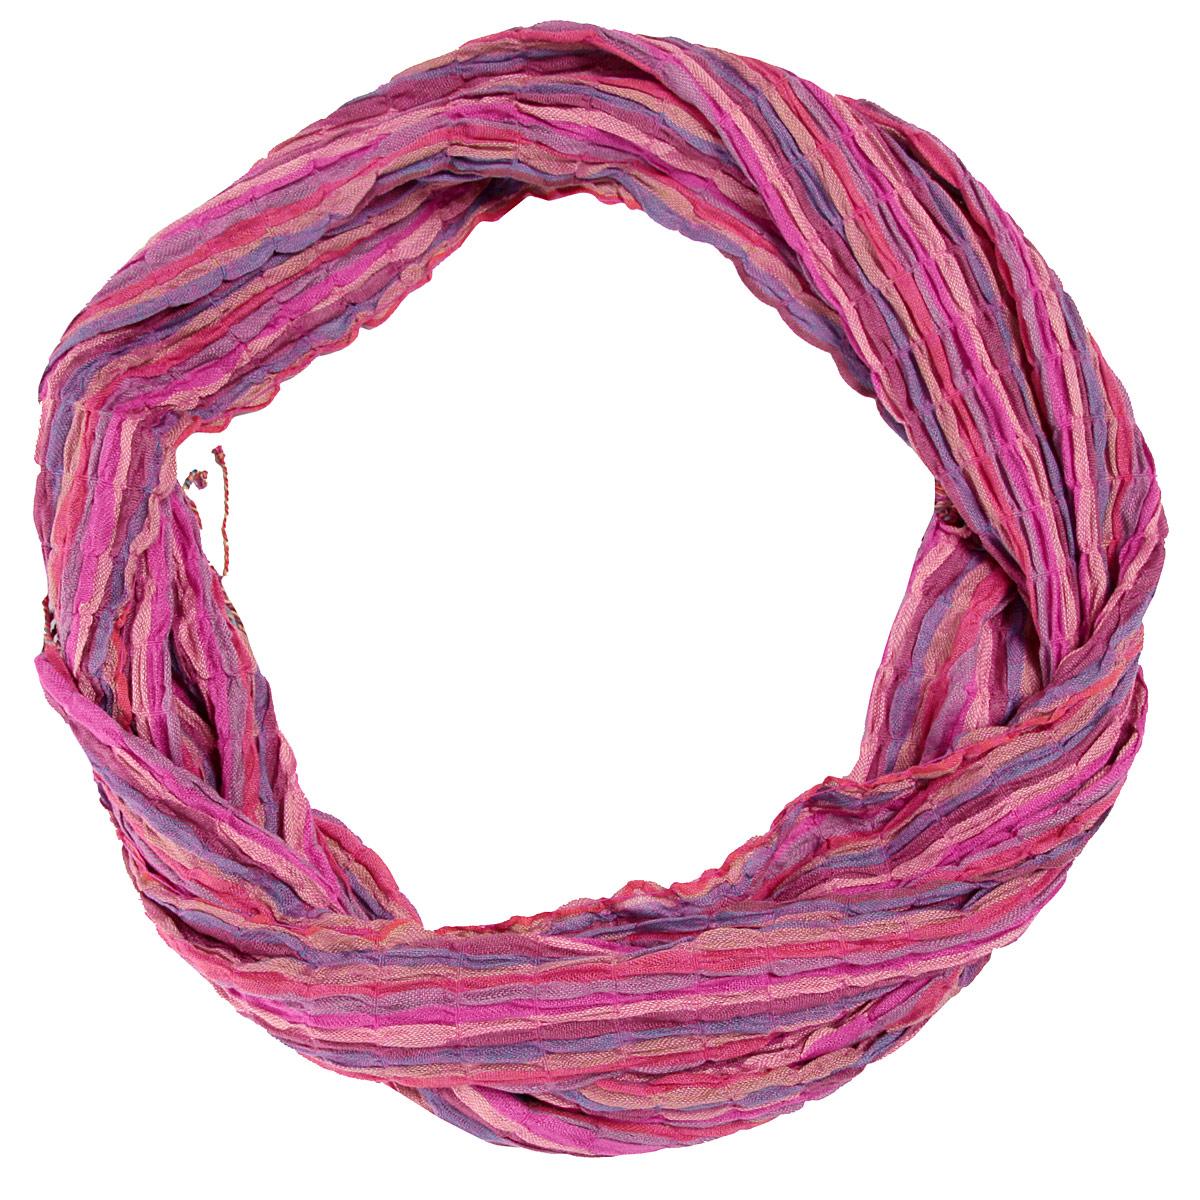 128075нСтильный женский шарф Ethnica выполнен из мягкой вискозы с жатым эффектом. Ткань прекрасно драпируется и дарит чувство комфорта. Шарф добавит оригинальности вашему образу. Края изделия оформлены кисточками. Если вы любите фантазировать и не страшитесь экспериментов с собственным имиджем - попробуйте превратить шарф в головную повязку или легкий аксессуар для дамской сумочки. Правильно подобранный шарф делает образ женщины завершенным! Такой аксессуар достойно дополнит ваш гардероб.